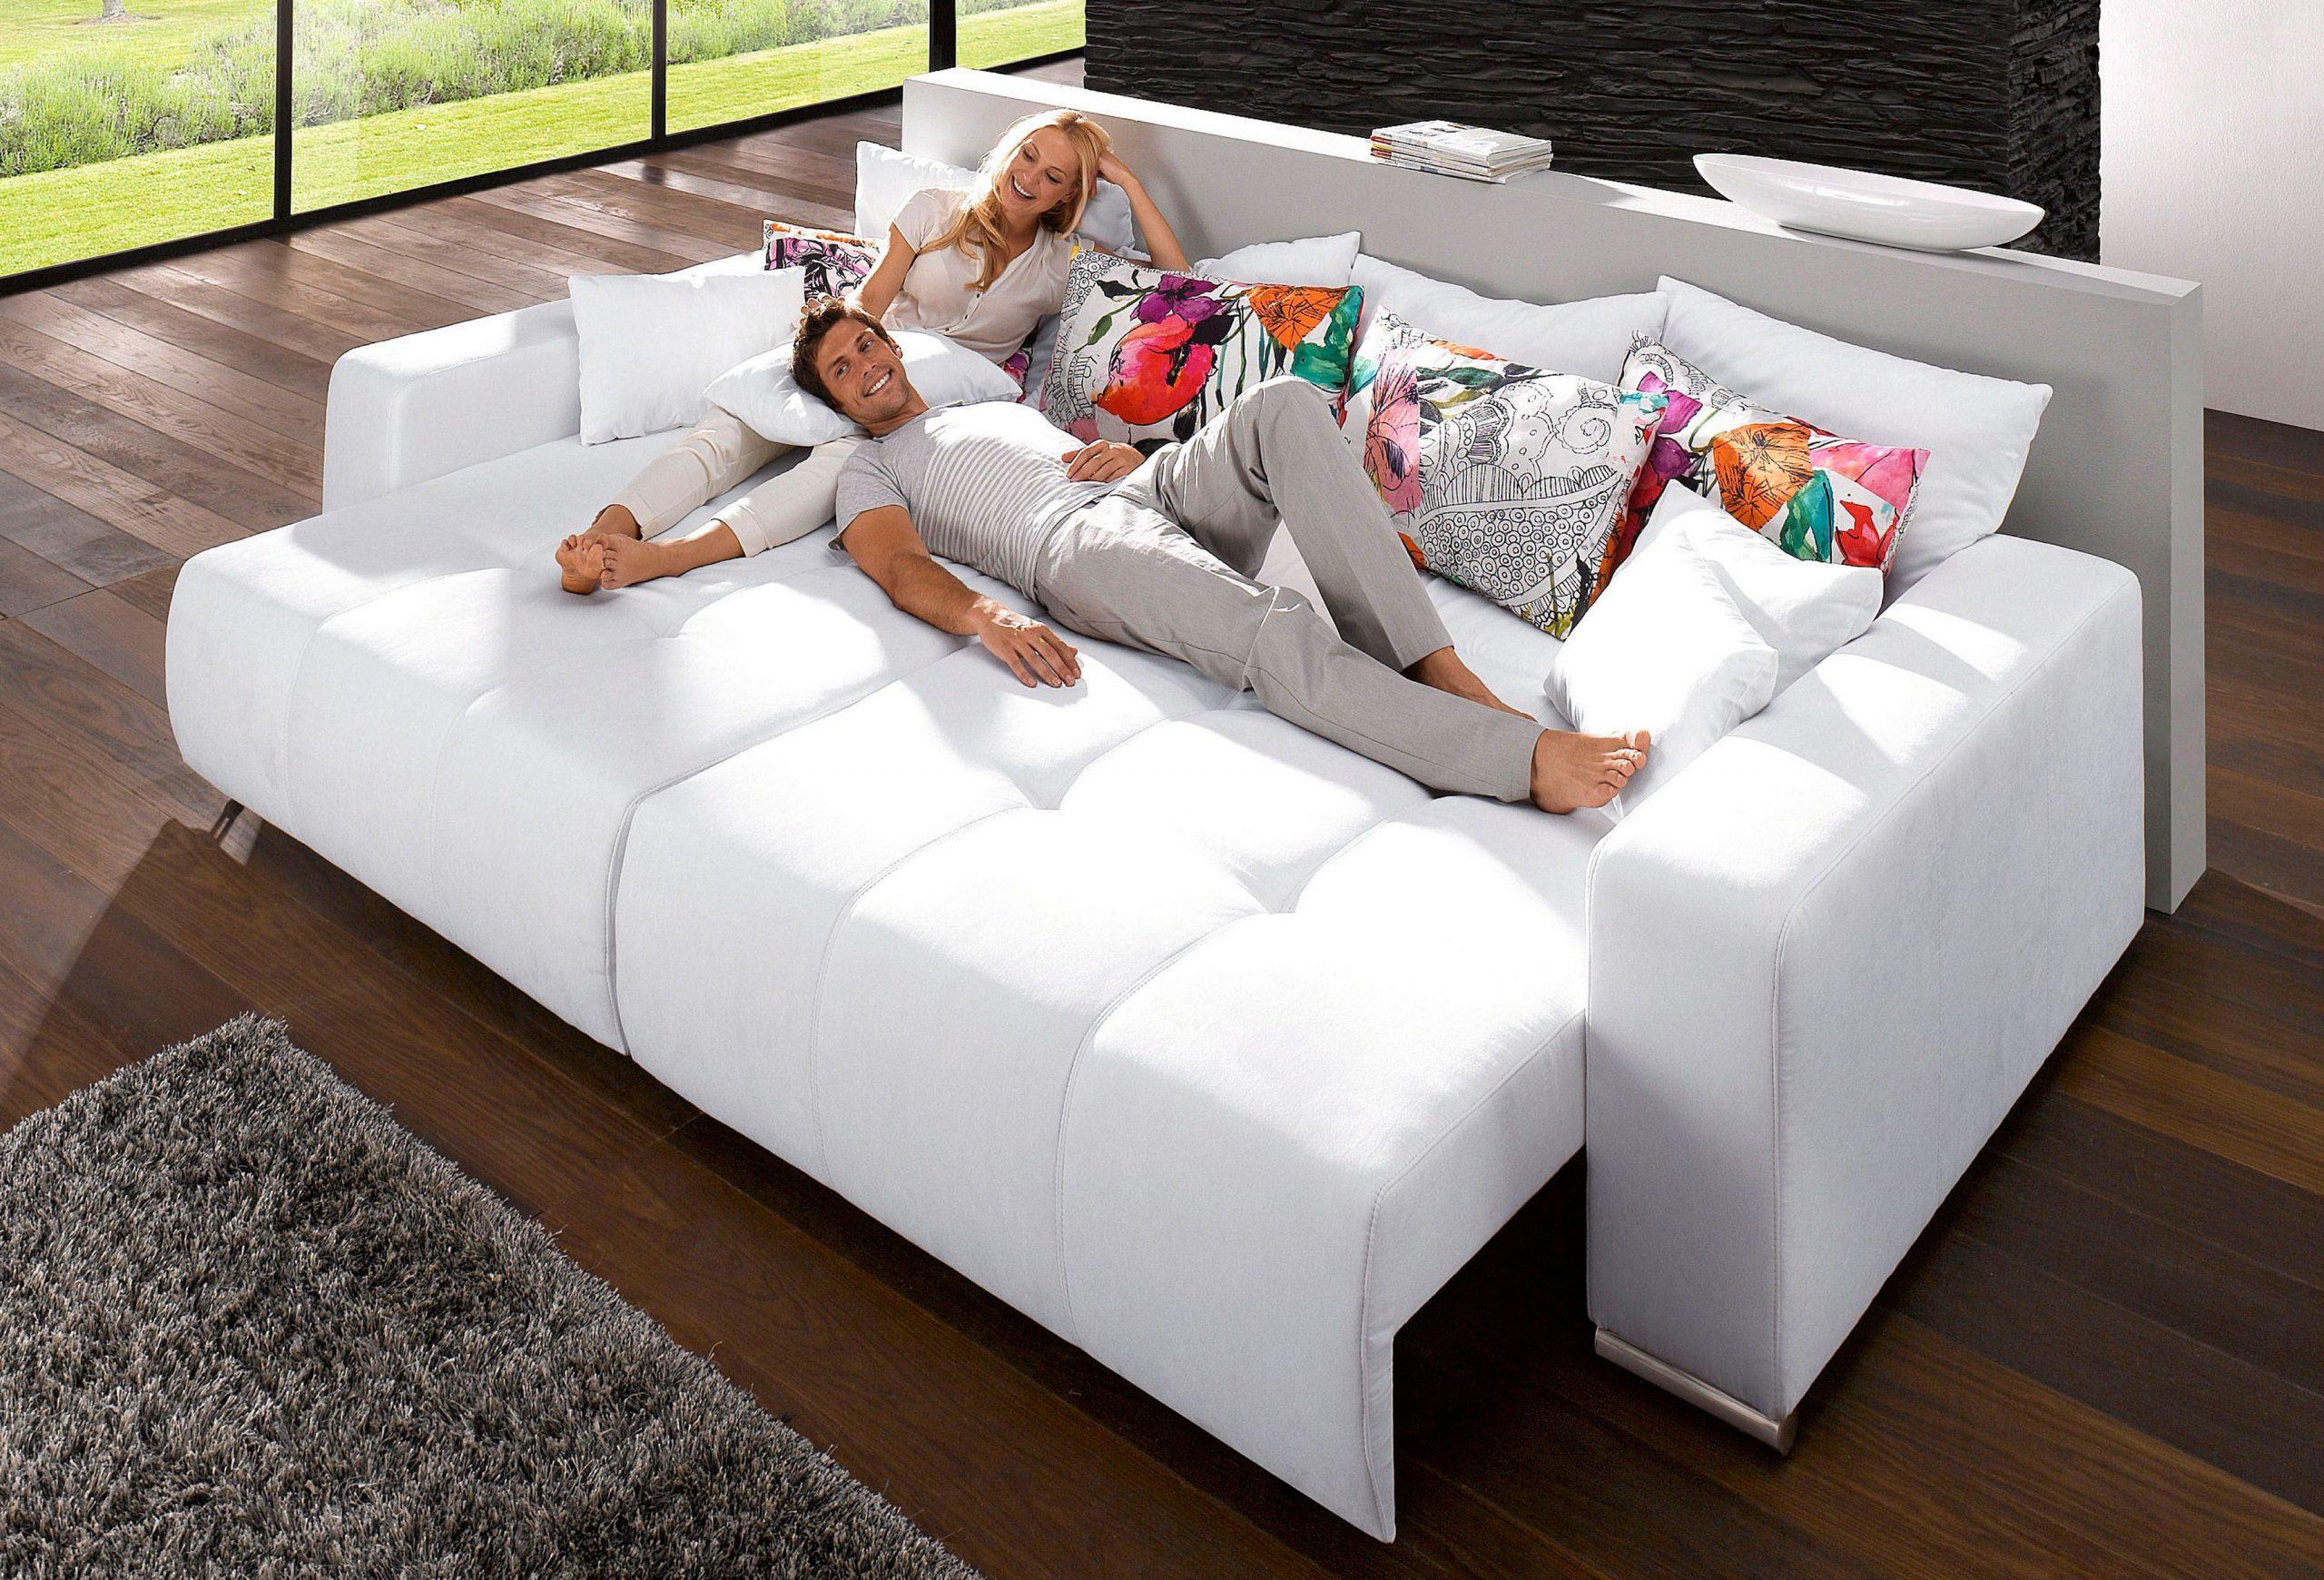 Full Size of Big Sofa Mit Schlaffunktion Billig Sofas Heimkino Bunt Xxxl L Küche Elektrogeräten Weißes Relaxfunktion Elektrisch Schlafzimmer Set Matratze Und Lattenrost Sofa Big Sofa Mit Schlaffunktion